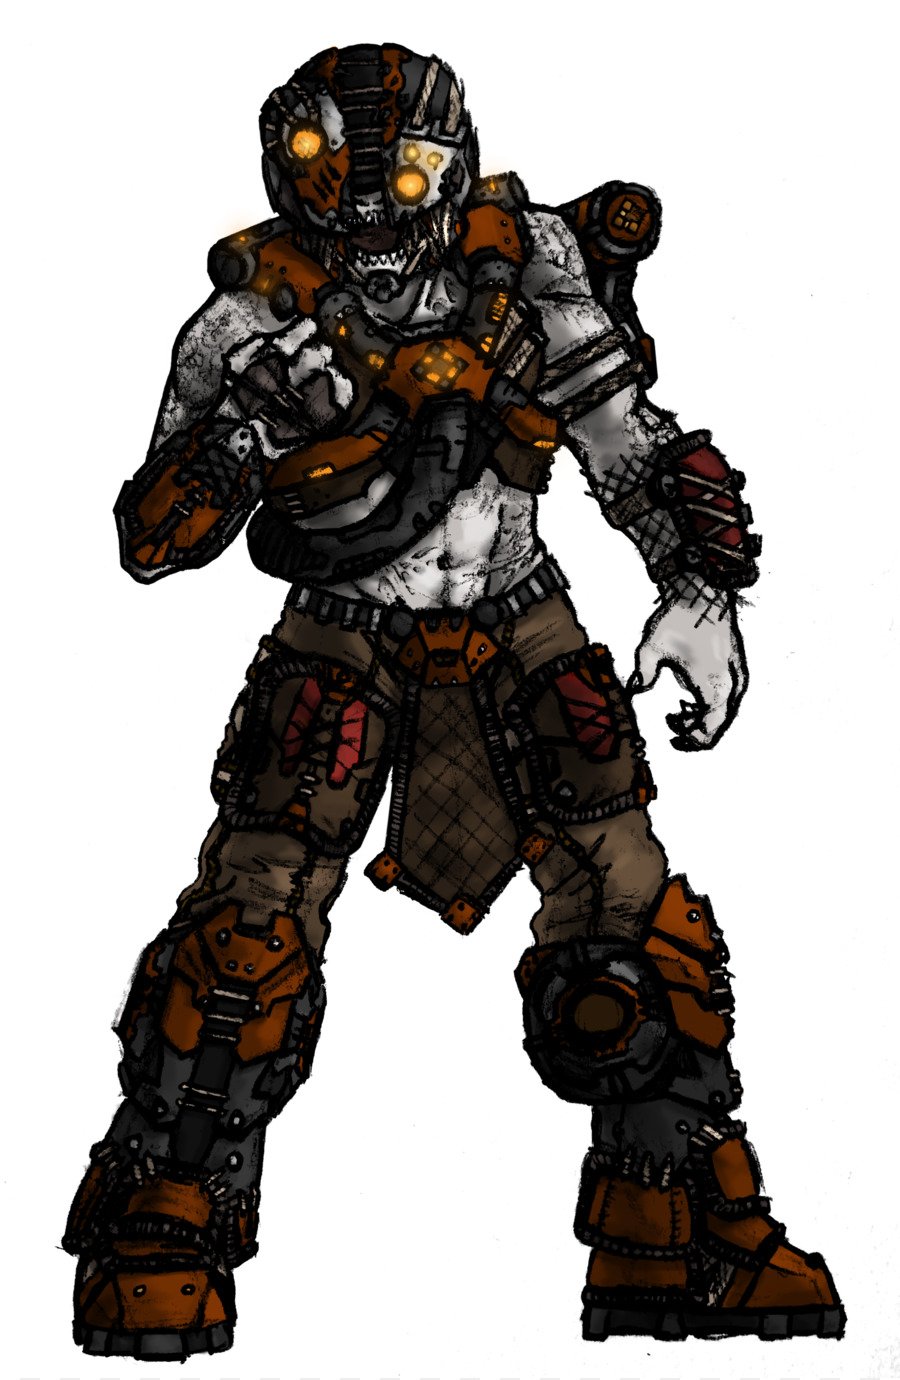 Descarga gratuita de Gears Of War 3, La Minería De, Combate imágenes PNG